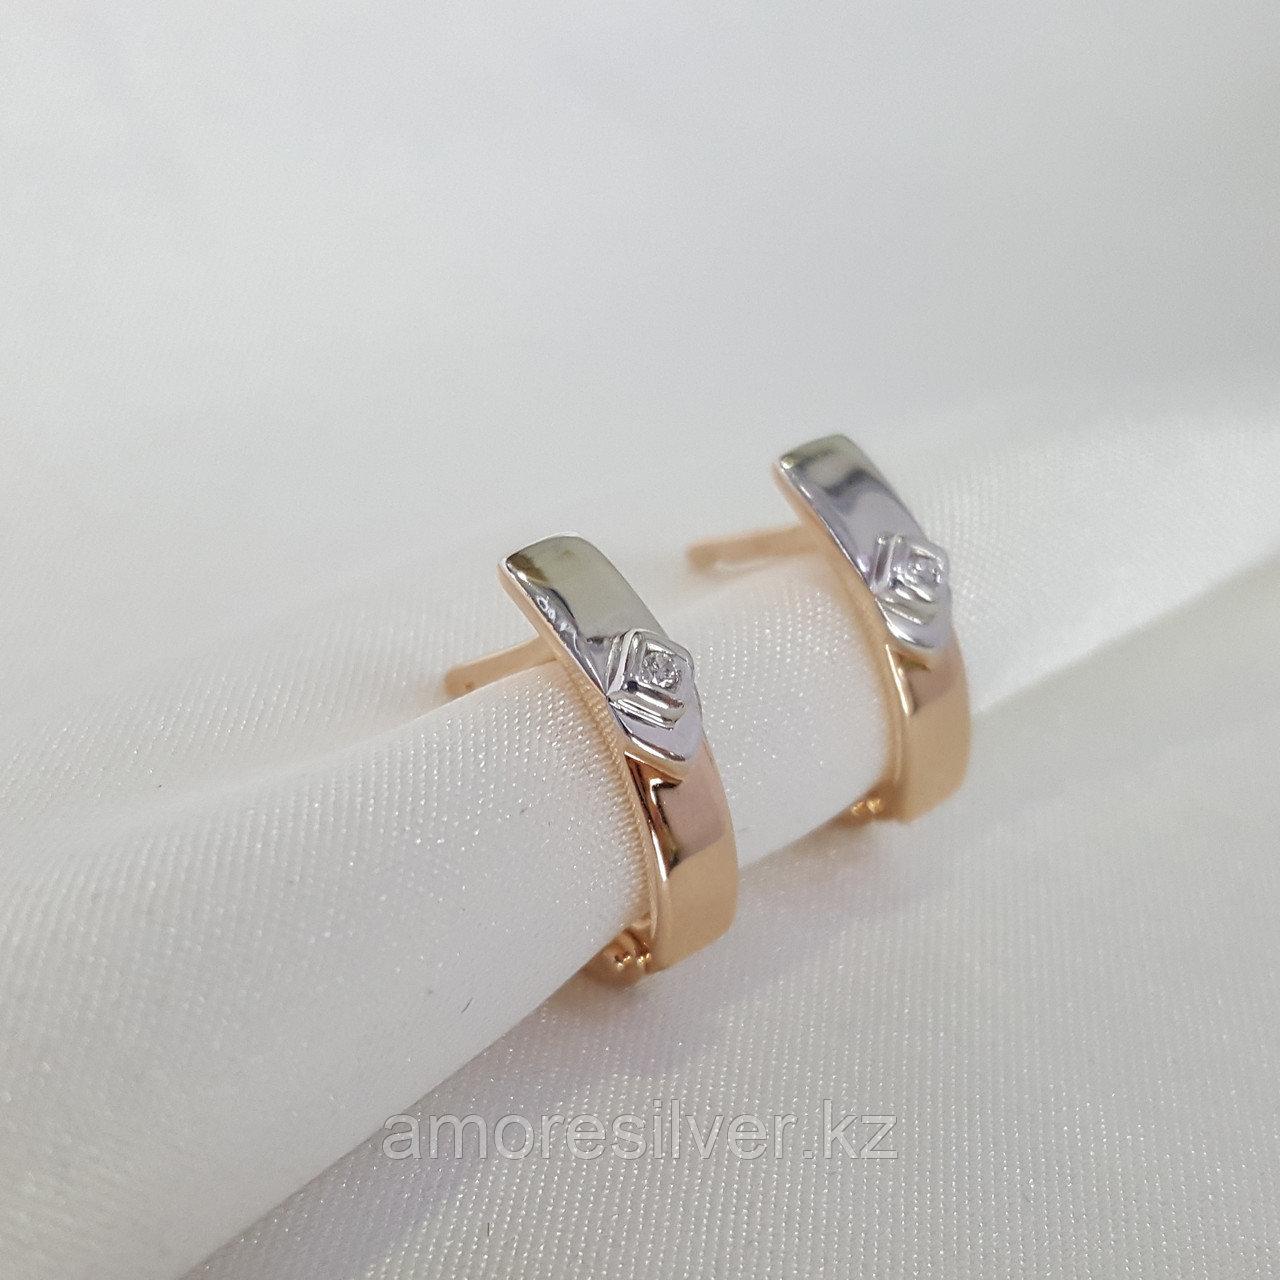 Кольцо AQUAMARIN серебро с позолотой, бриллиант 040138.6 размеры - 17